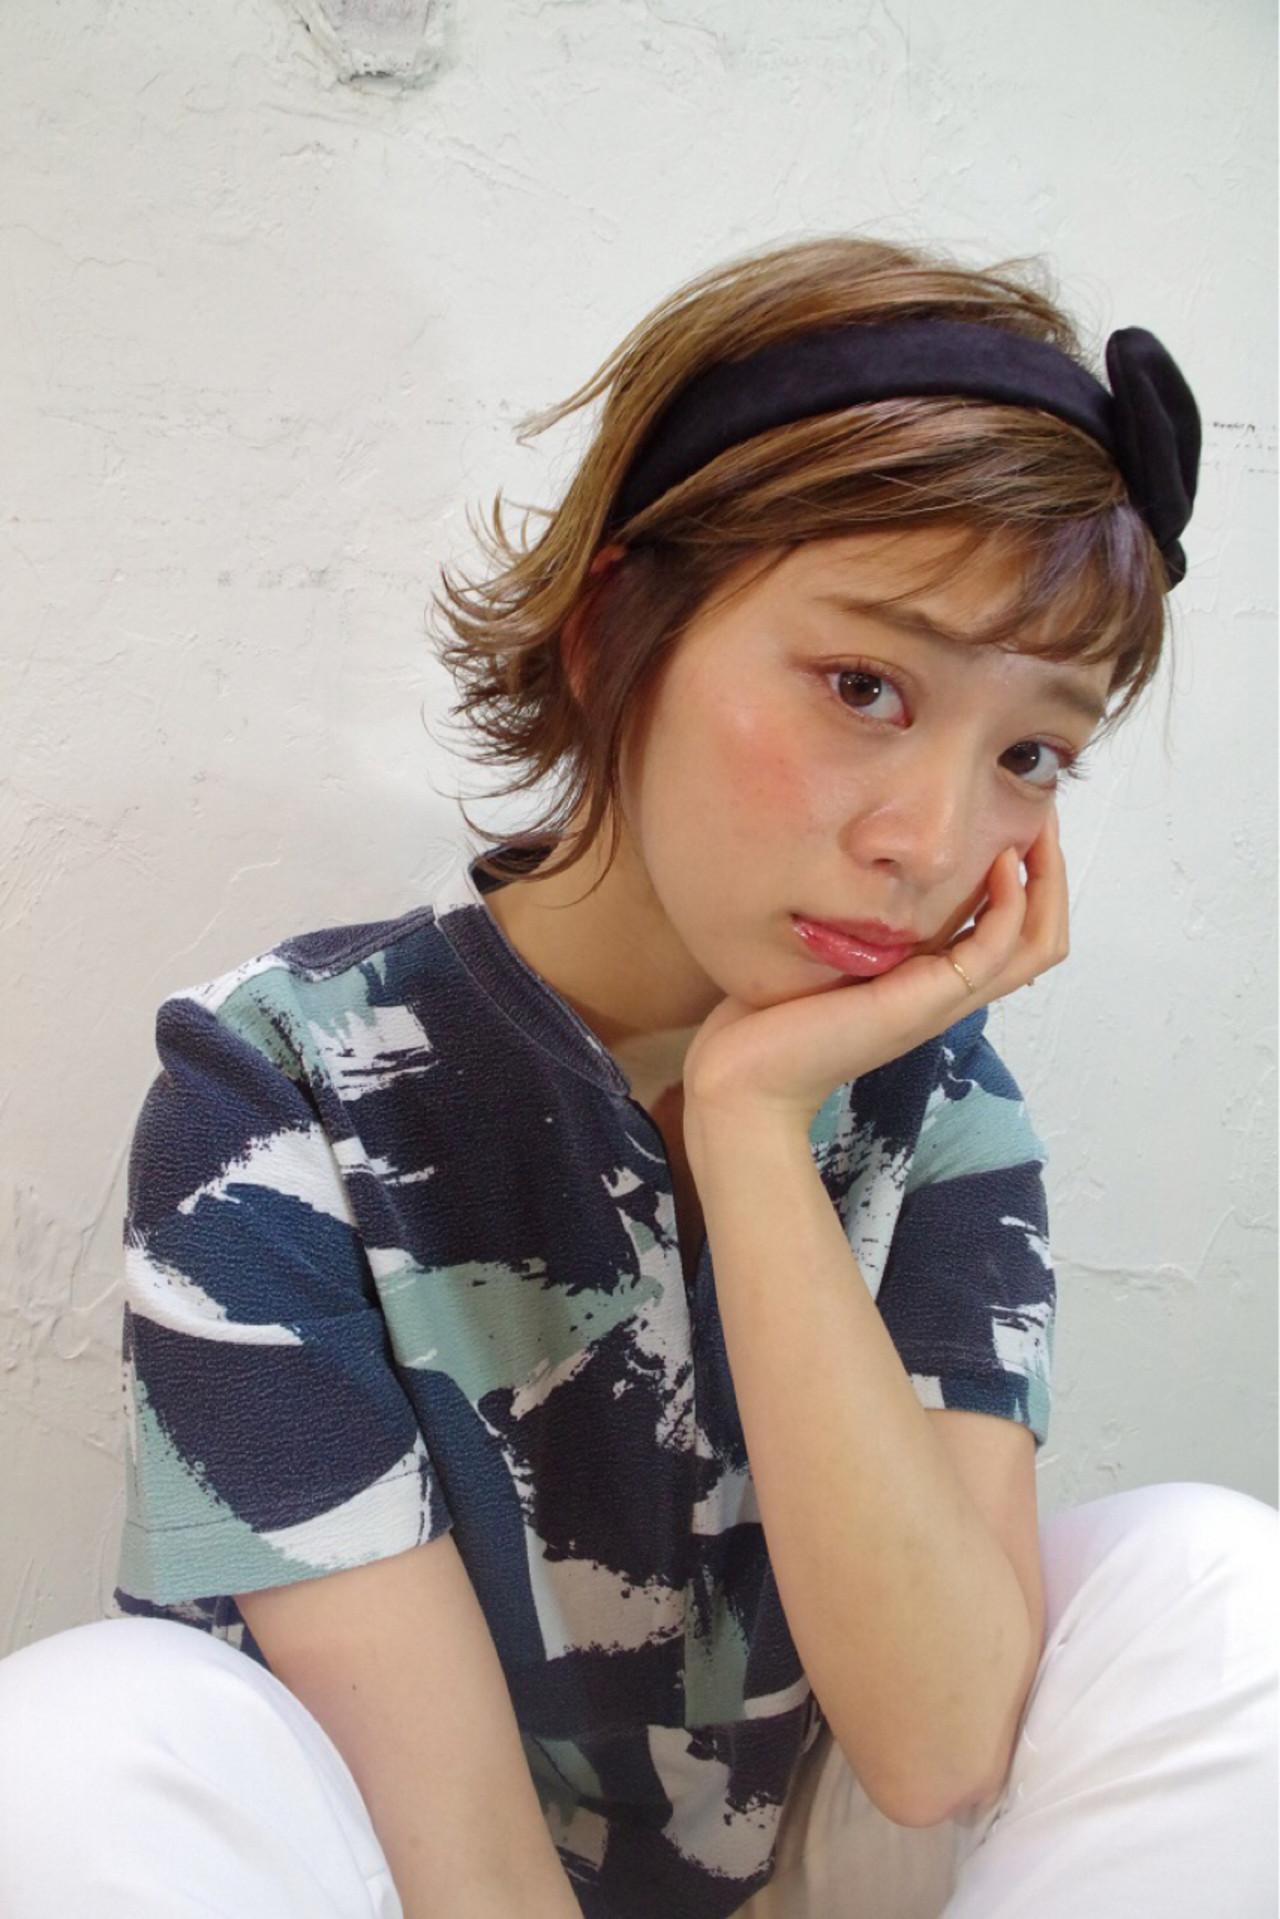 ゆるふわ アッシュ ハイライト ピュア ヘアスタイルや髪型の写真・画像 | Nao Kokubun blast / blast